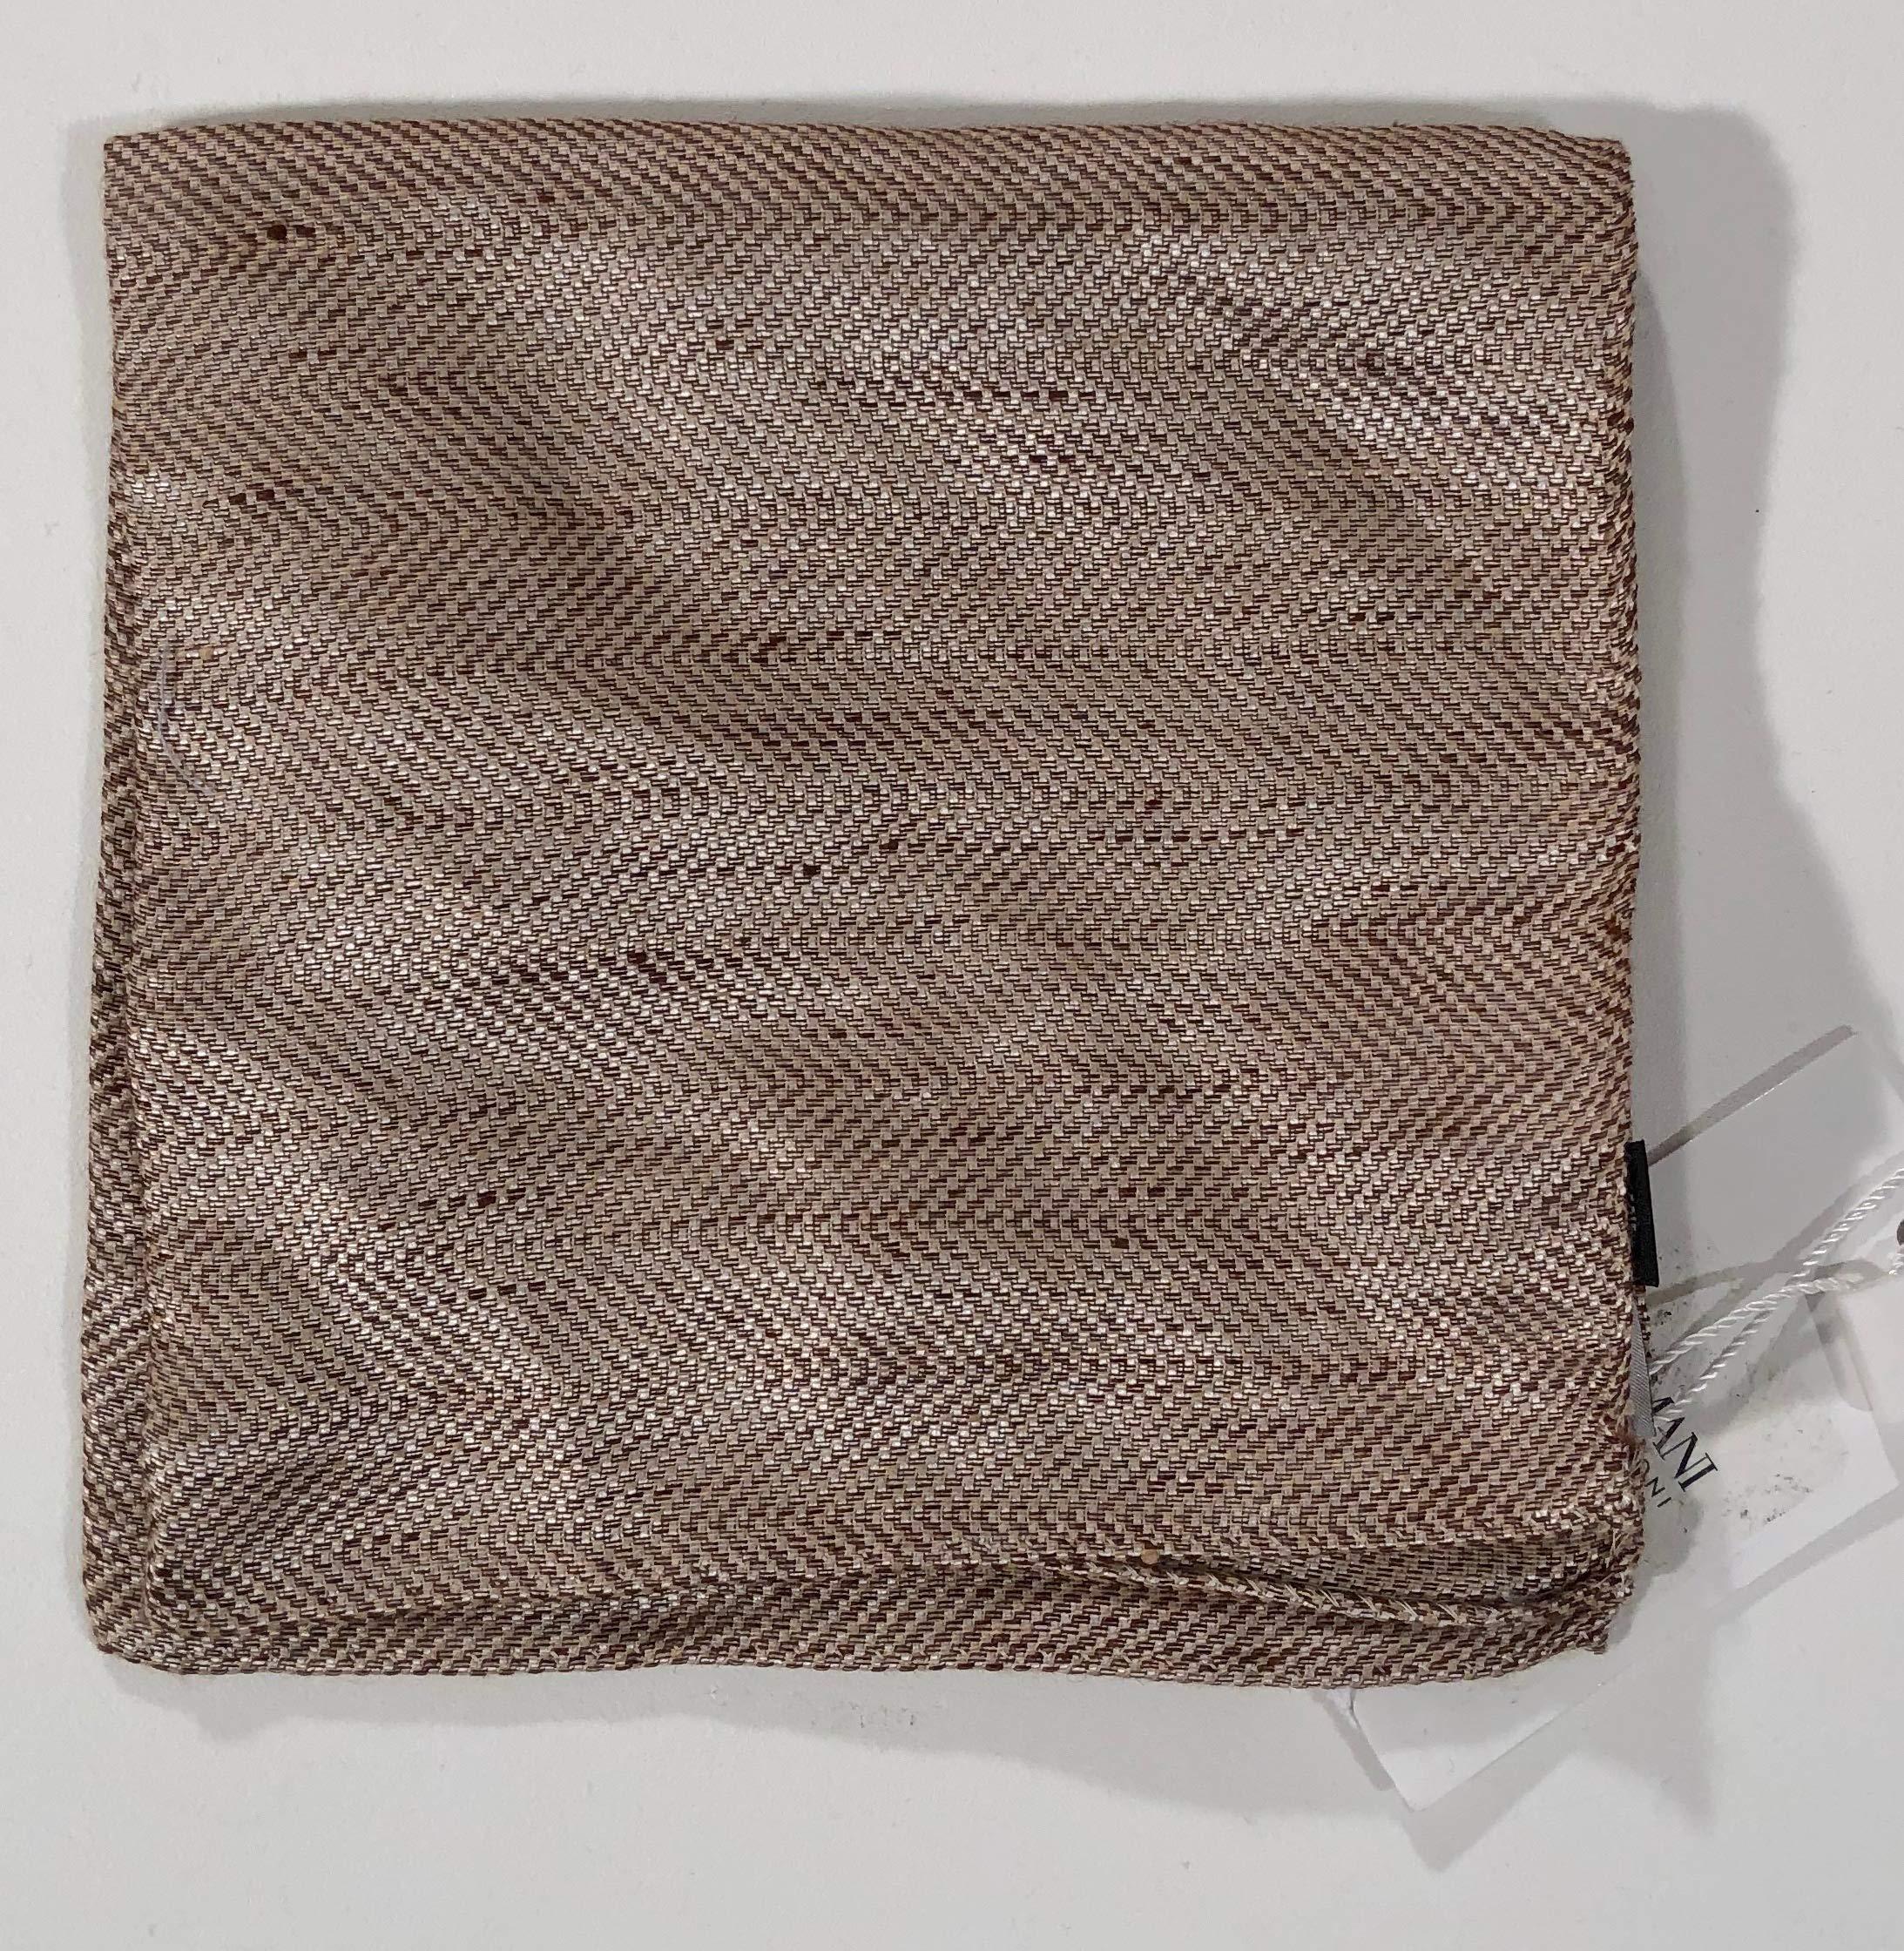 ARMANI COLLEZIONE MEN'S COCONUT BROWN HERRINGBONE LINEN/SILK POCKET SQUARE